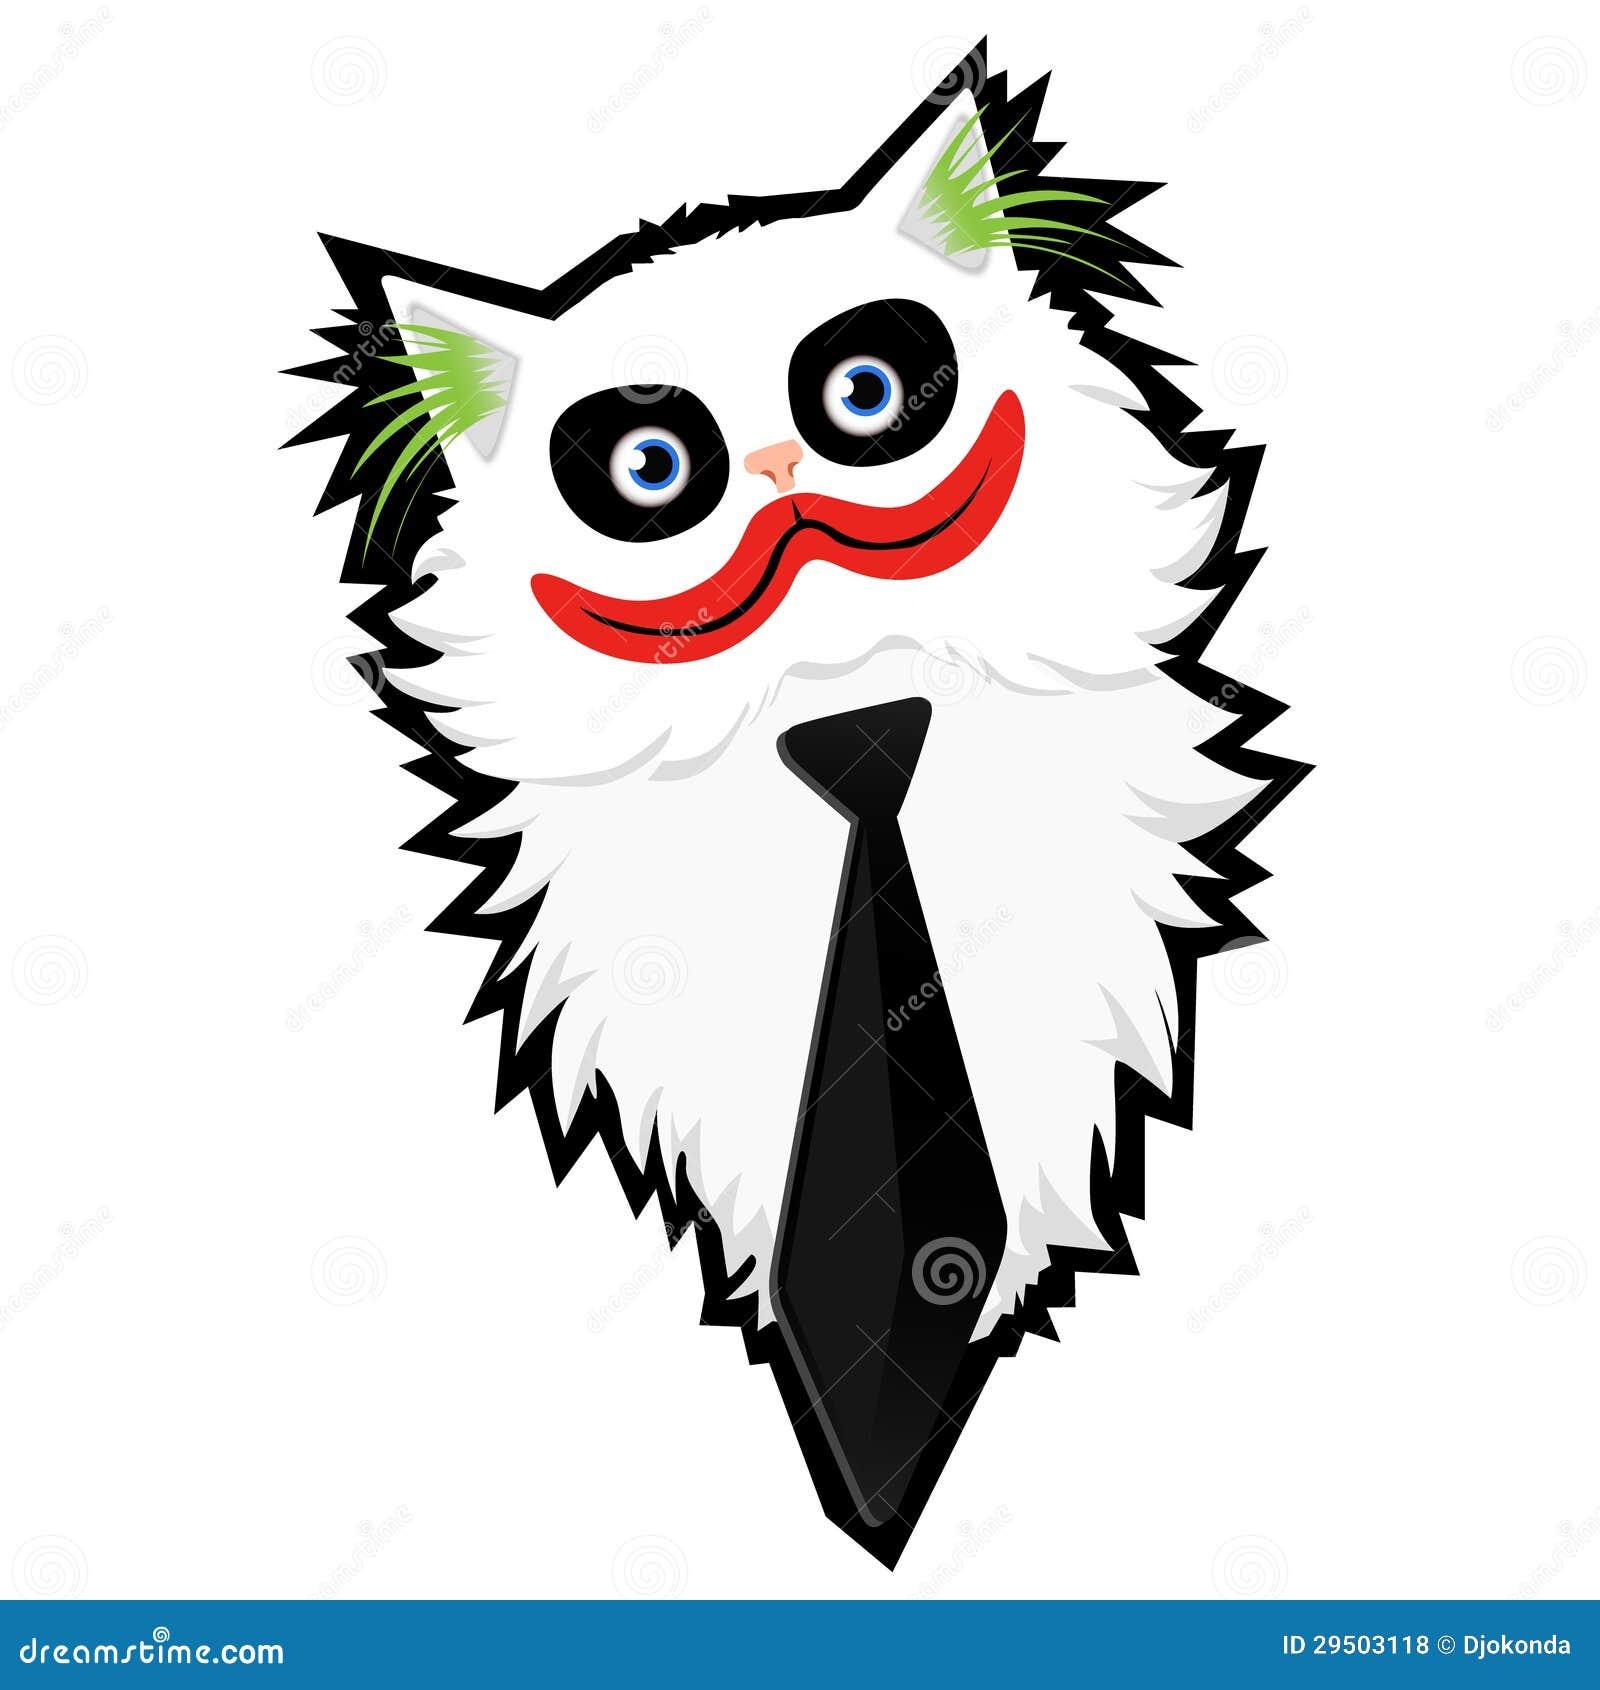 Funny cartoon Cat-Joker